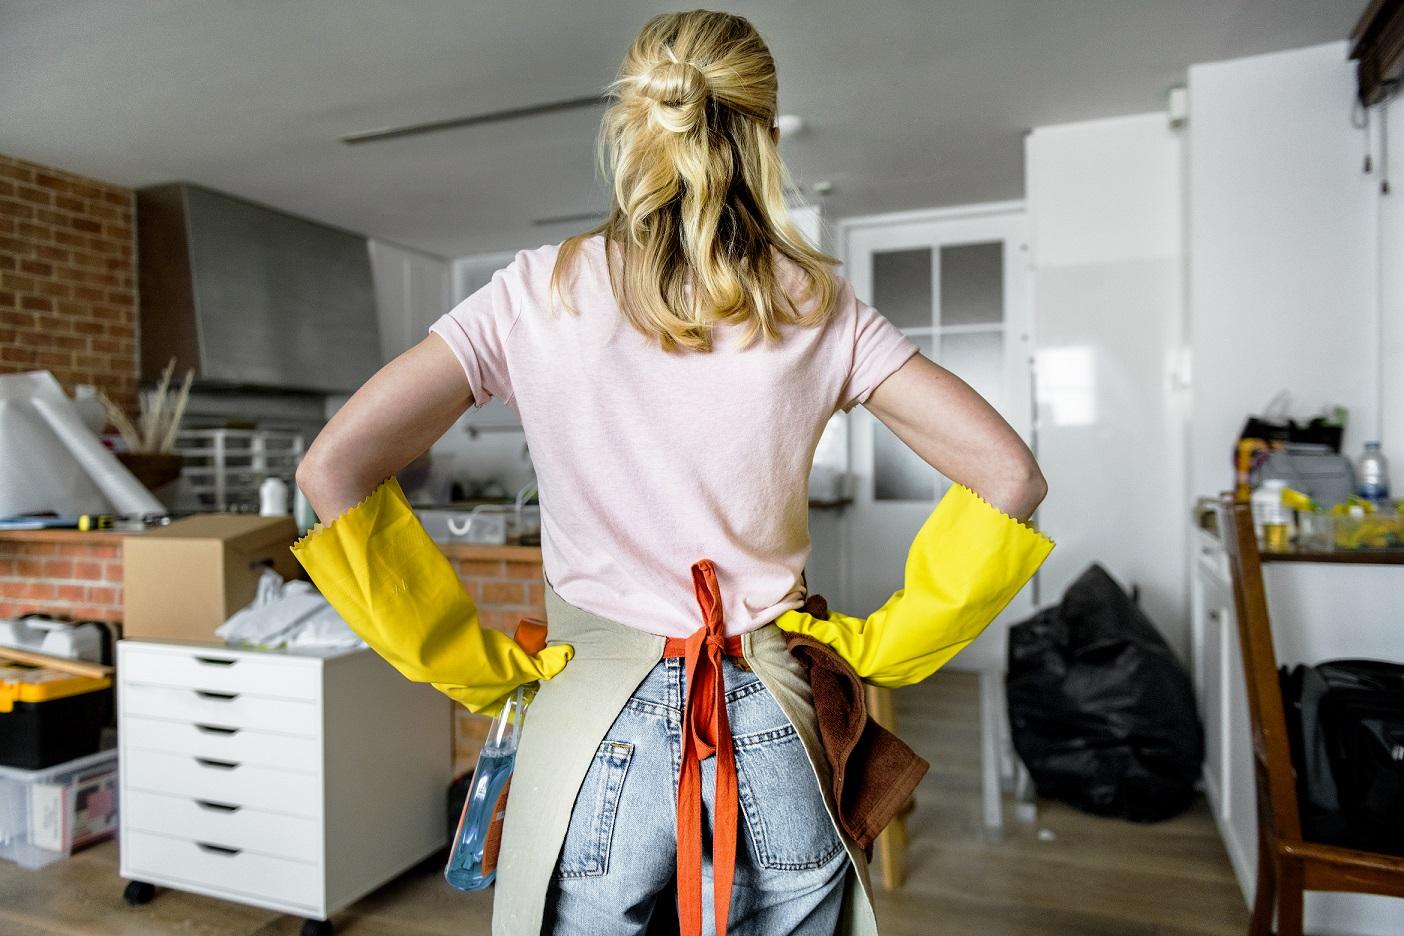 Ghid pentru o curățenie profesională. Sfaturi de curățenie pentru o locuință fericită, relaxantă, curată.